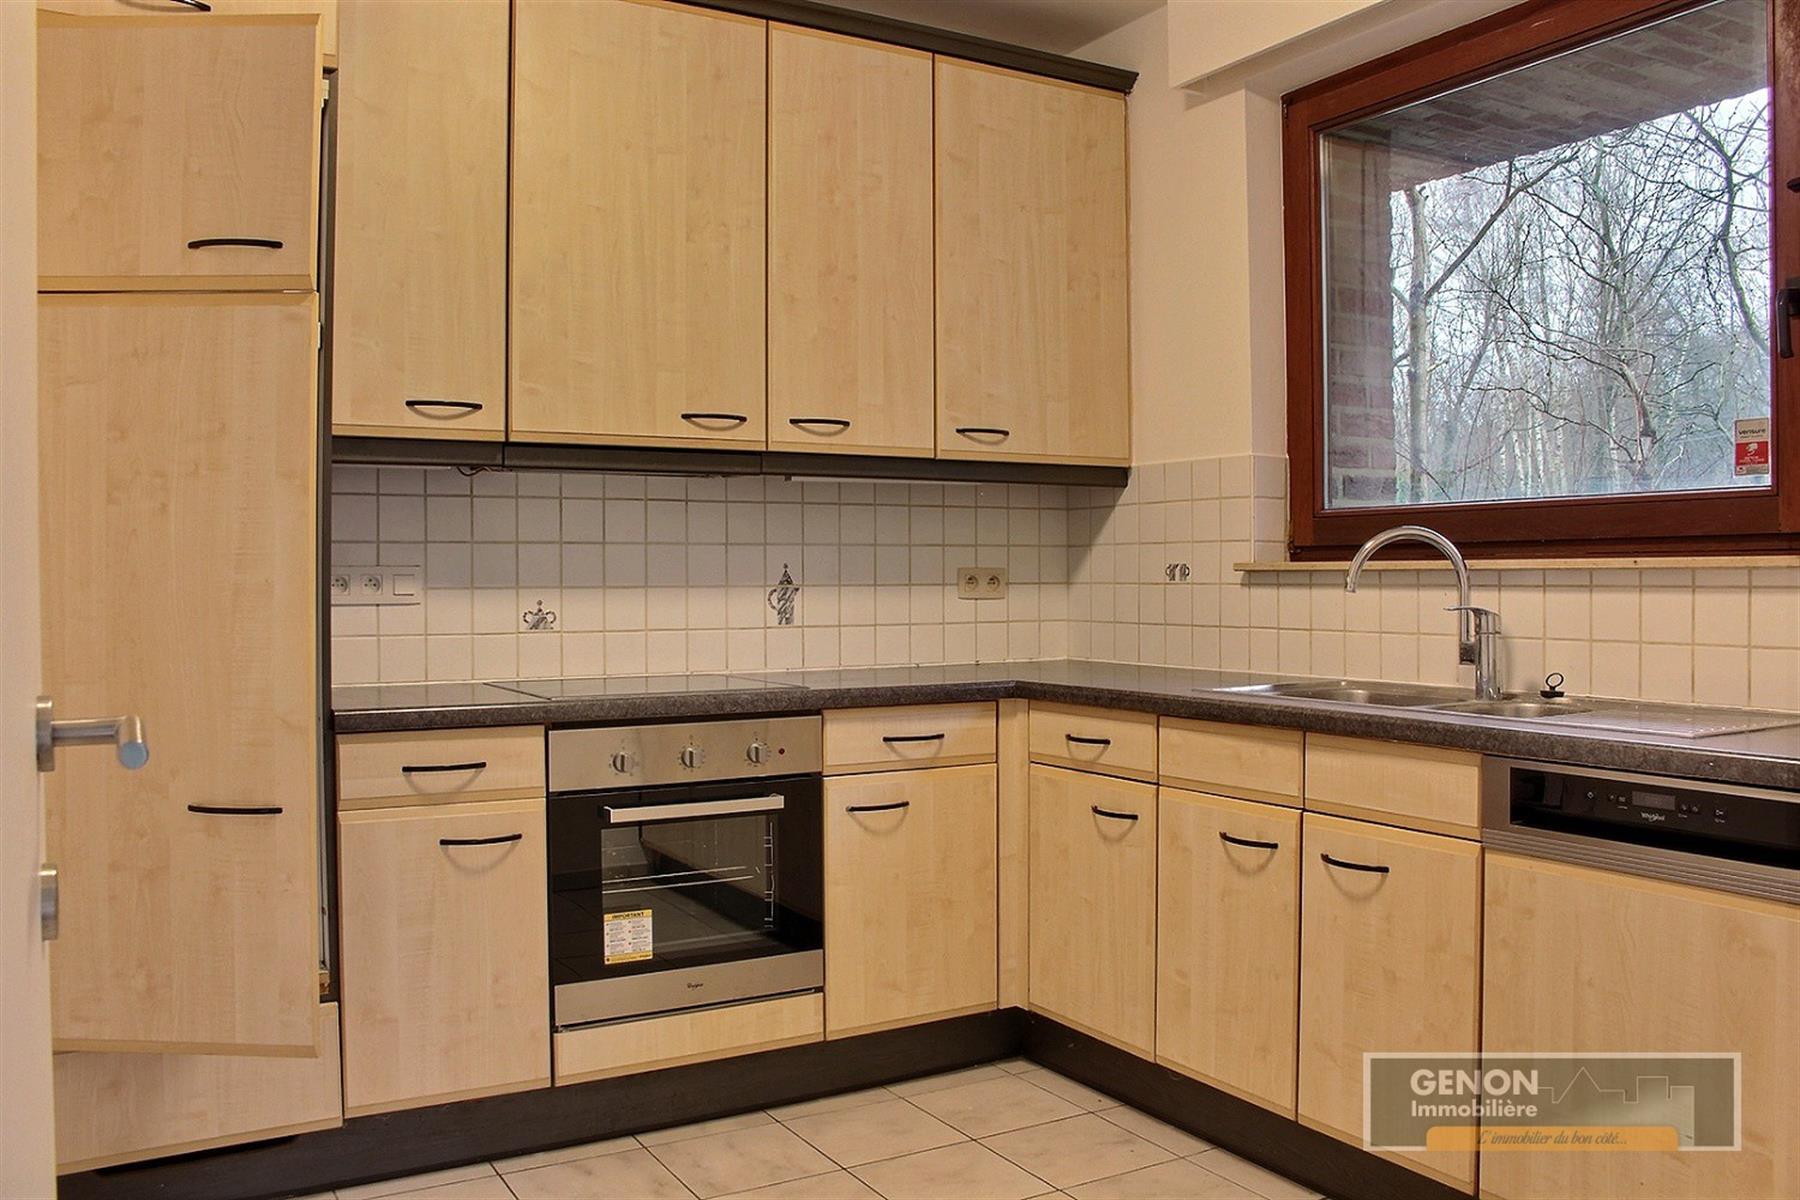 Appartement - Ottignies-Louvain-la-Neuve - #4244956-4